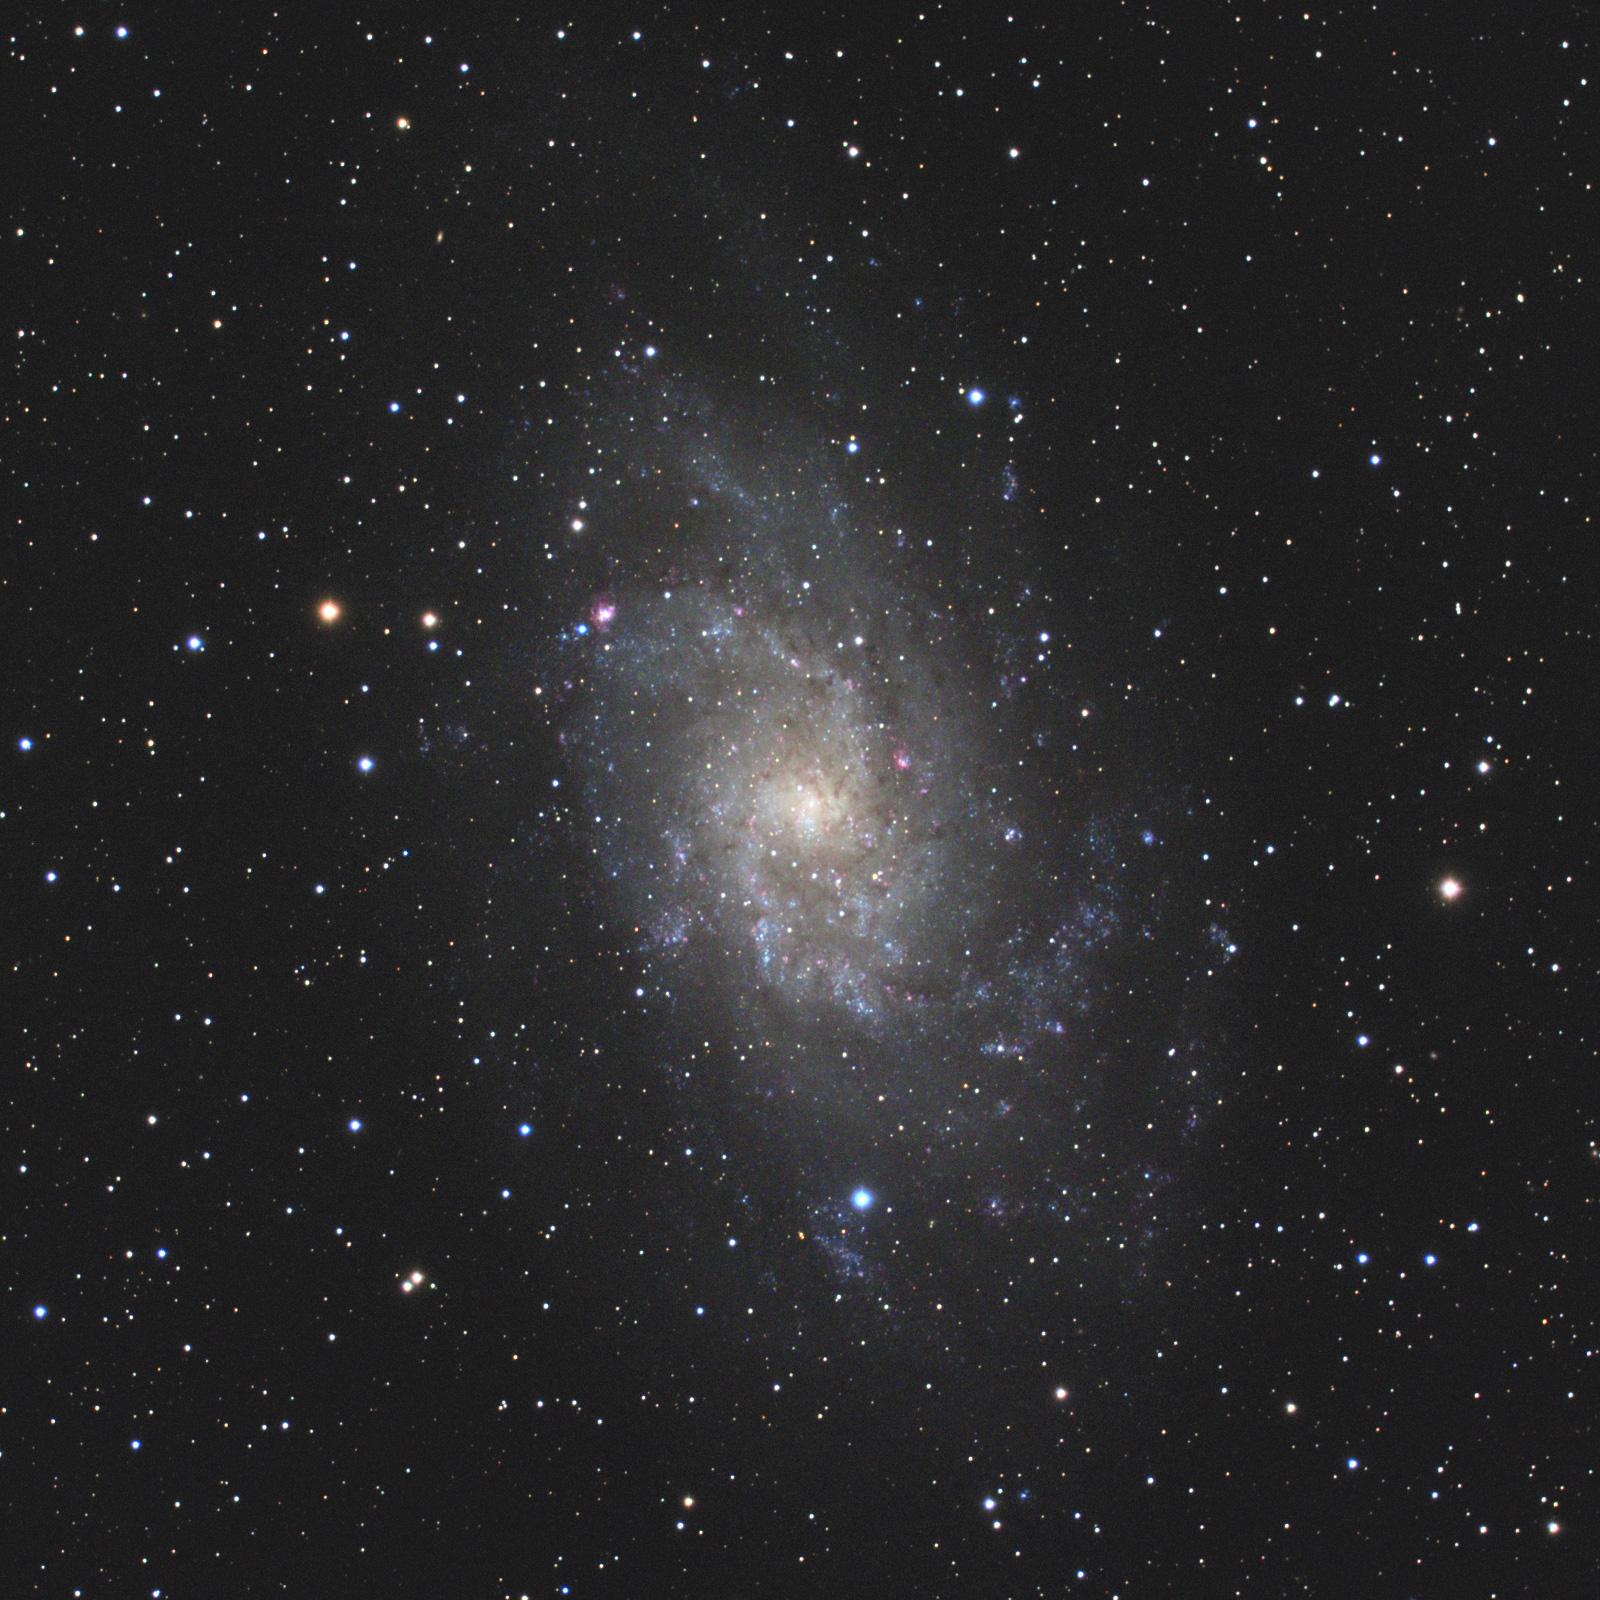 M33_fc60_lrgb_n